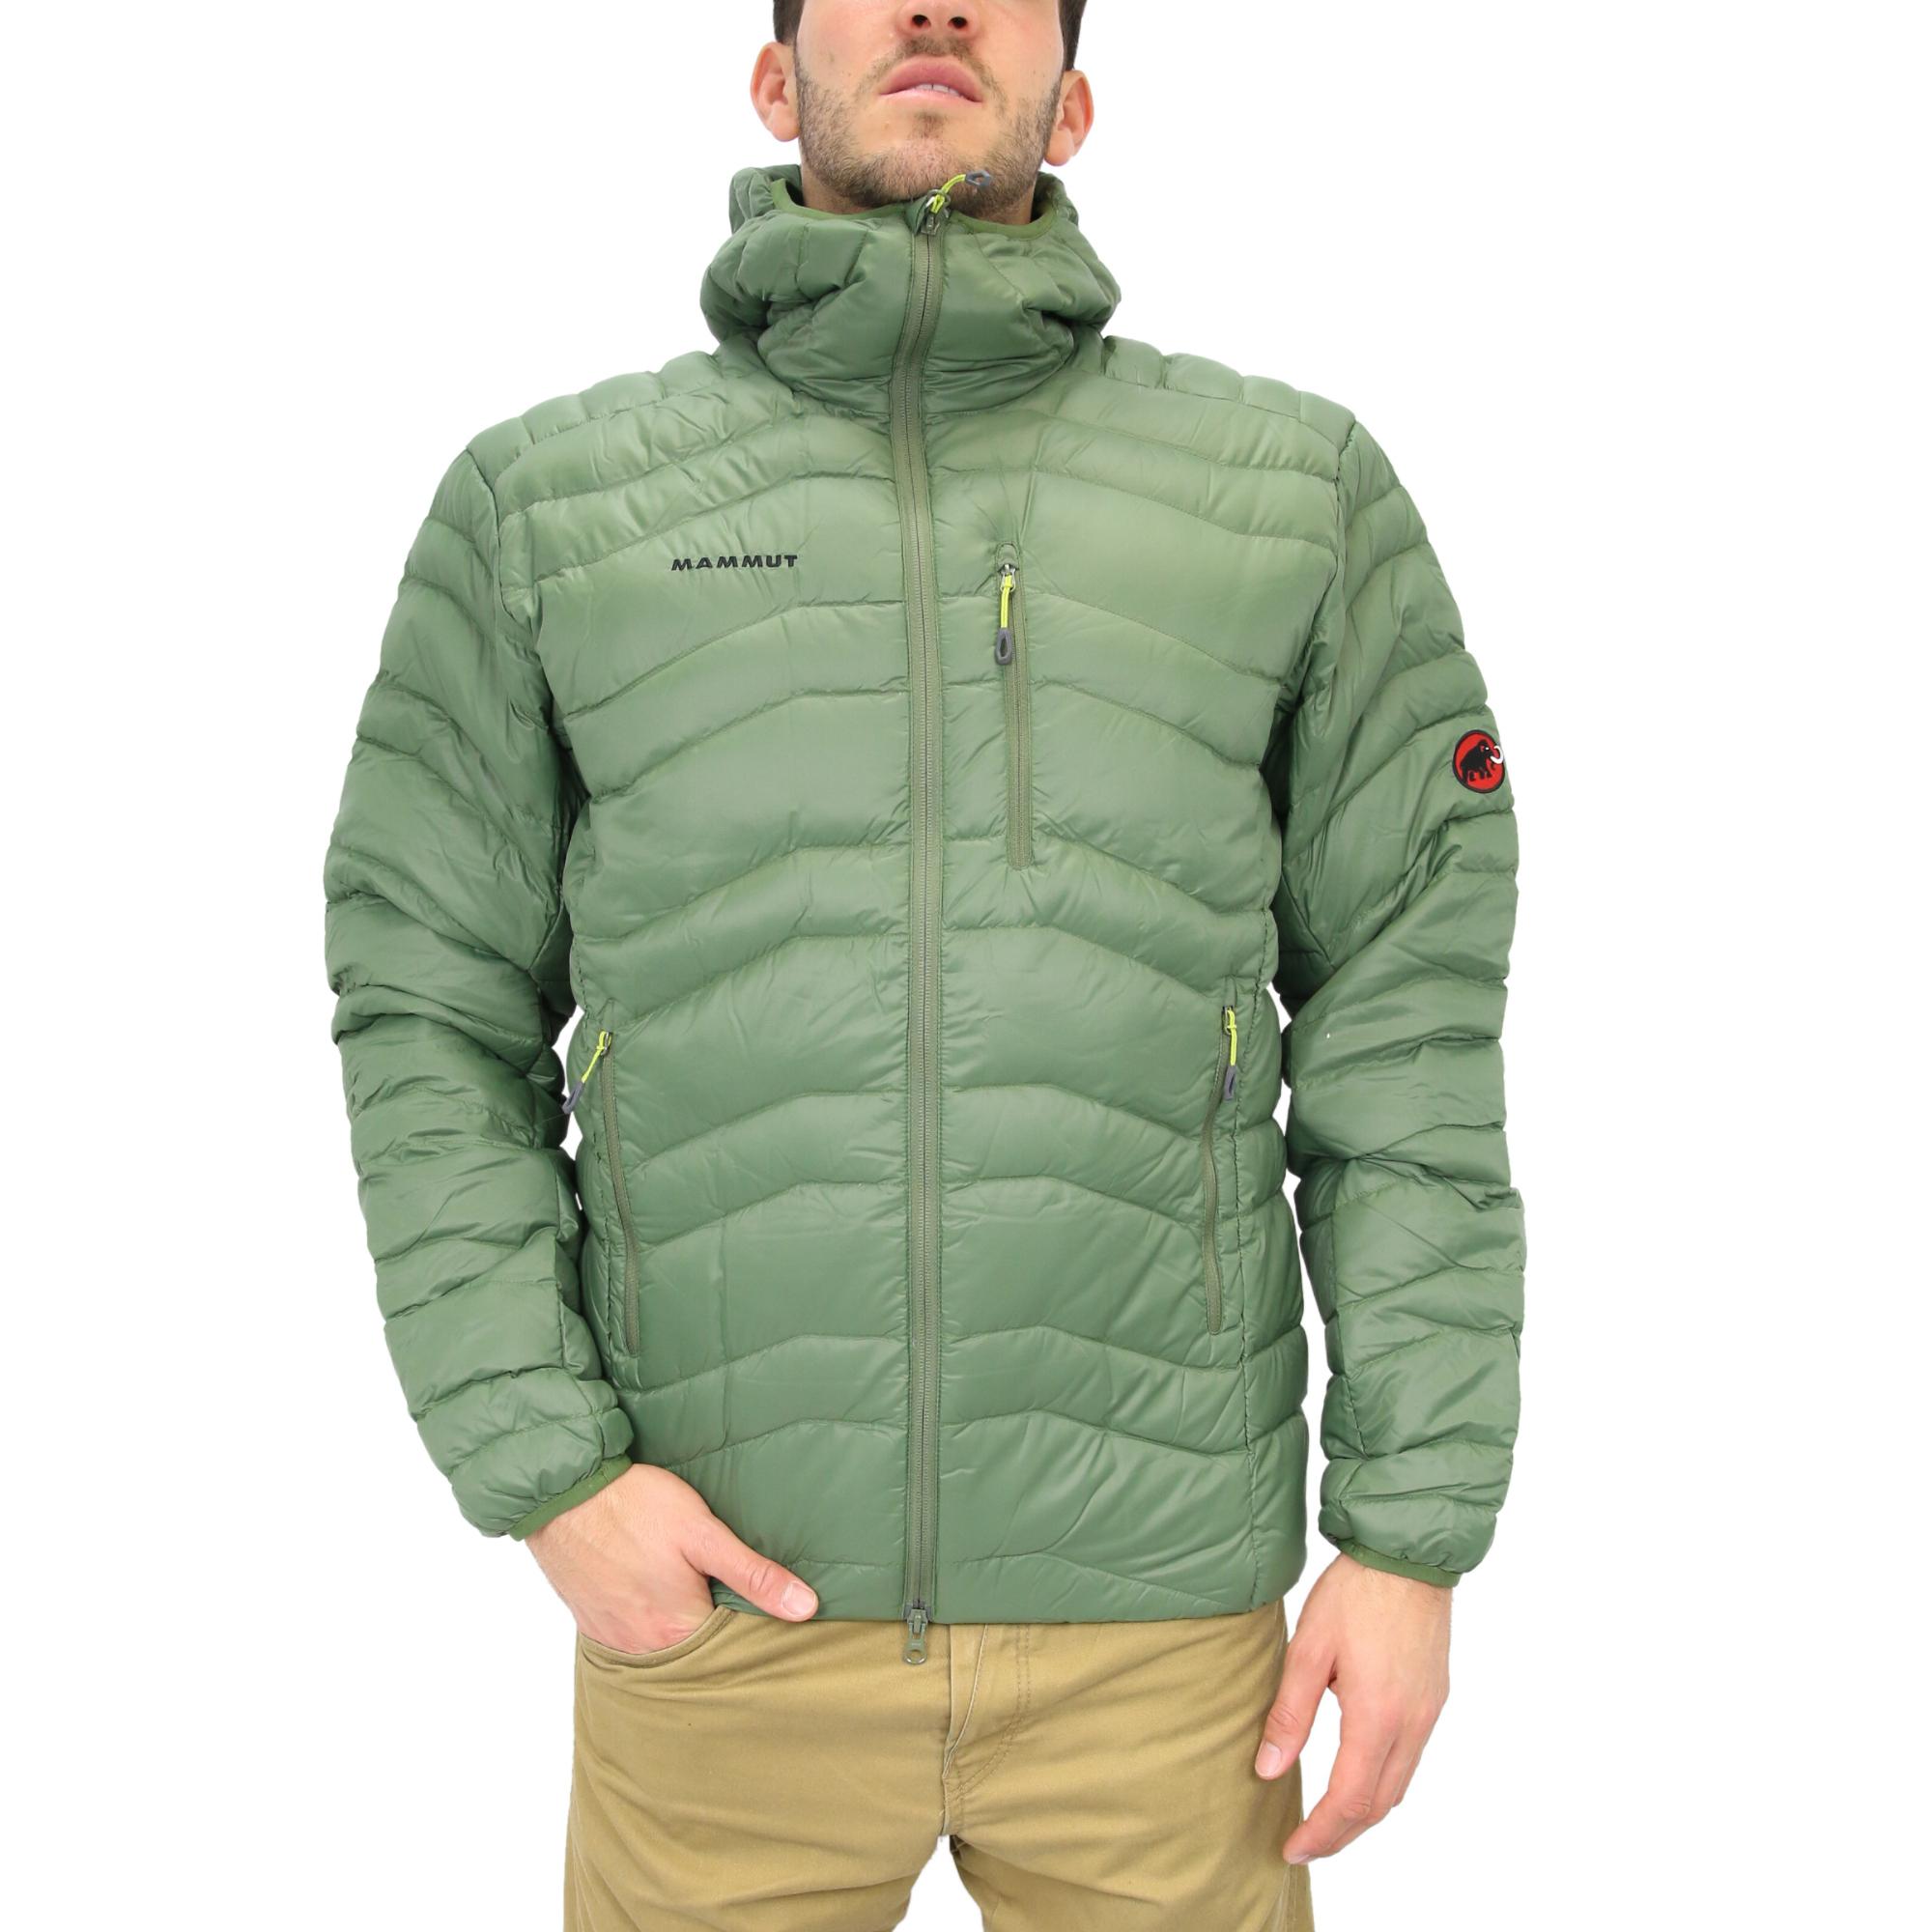 mammut broad peak light in jacket herren winterjacke daunenjacke gr n 750 cuin ebay. Black Bedroom Furniture Sets. Home Design Ideas